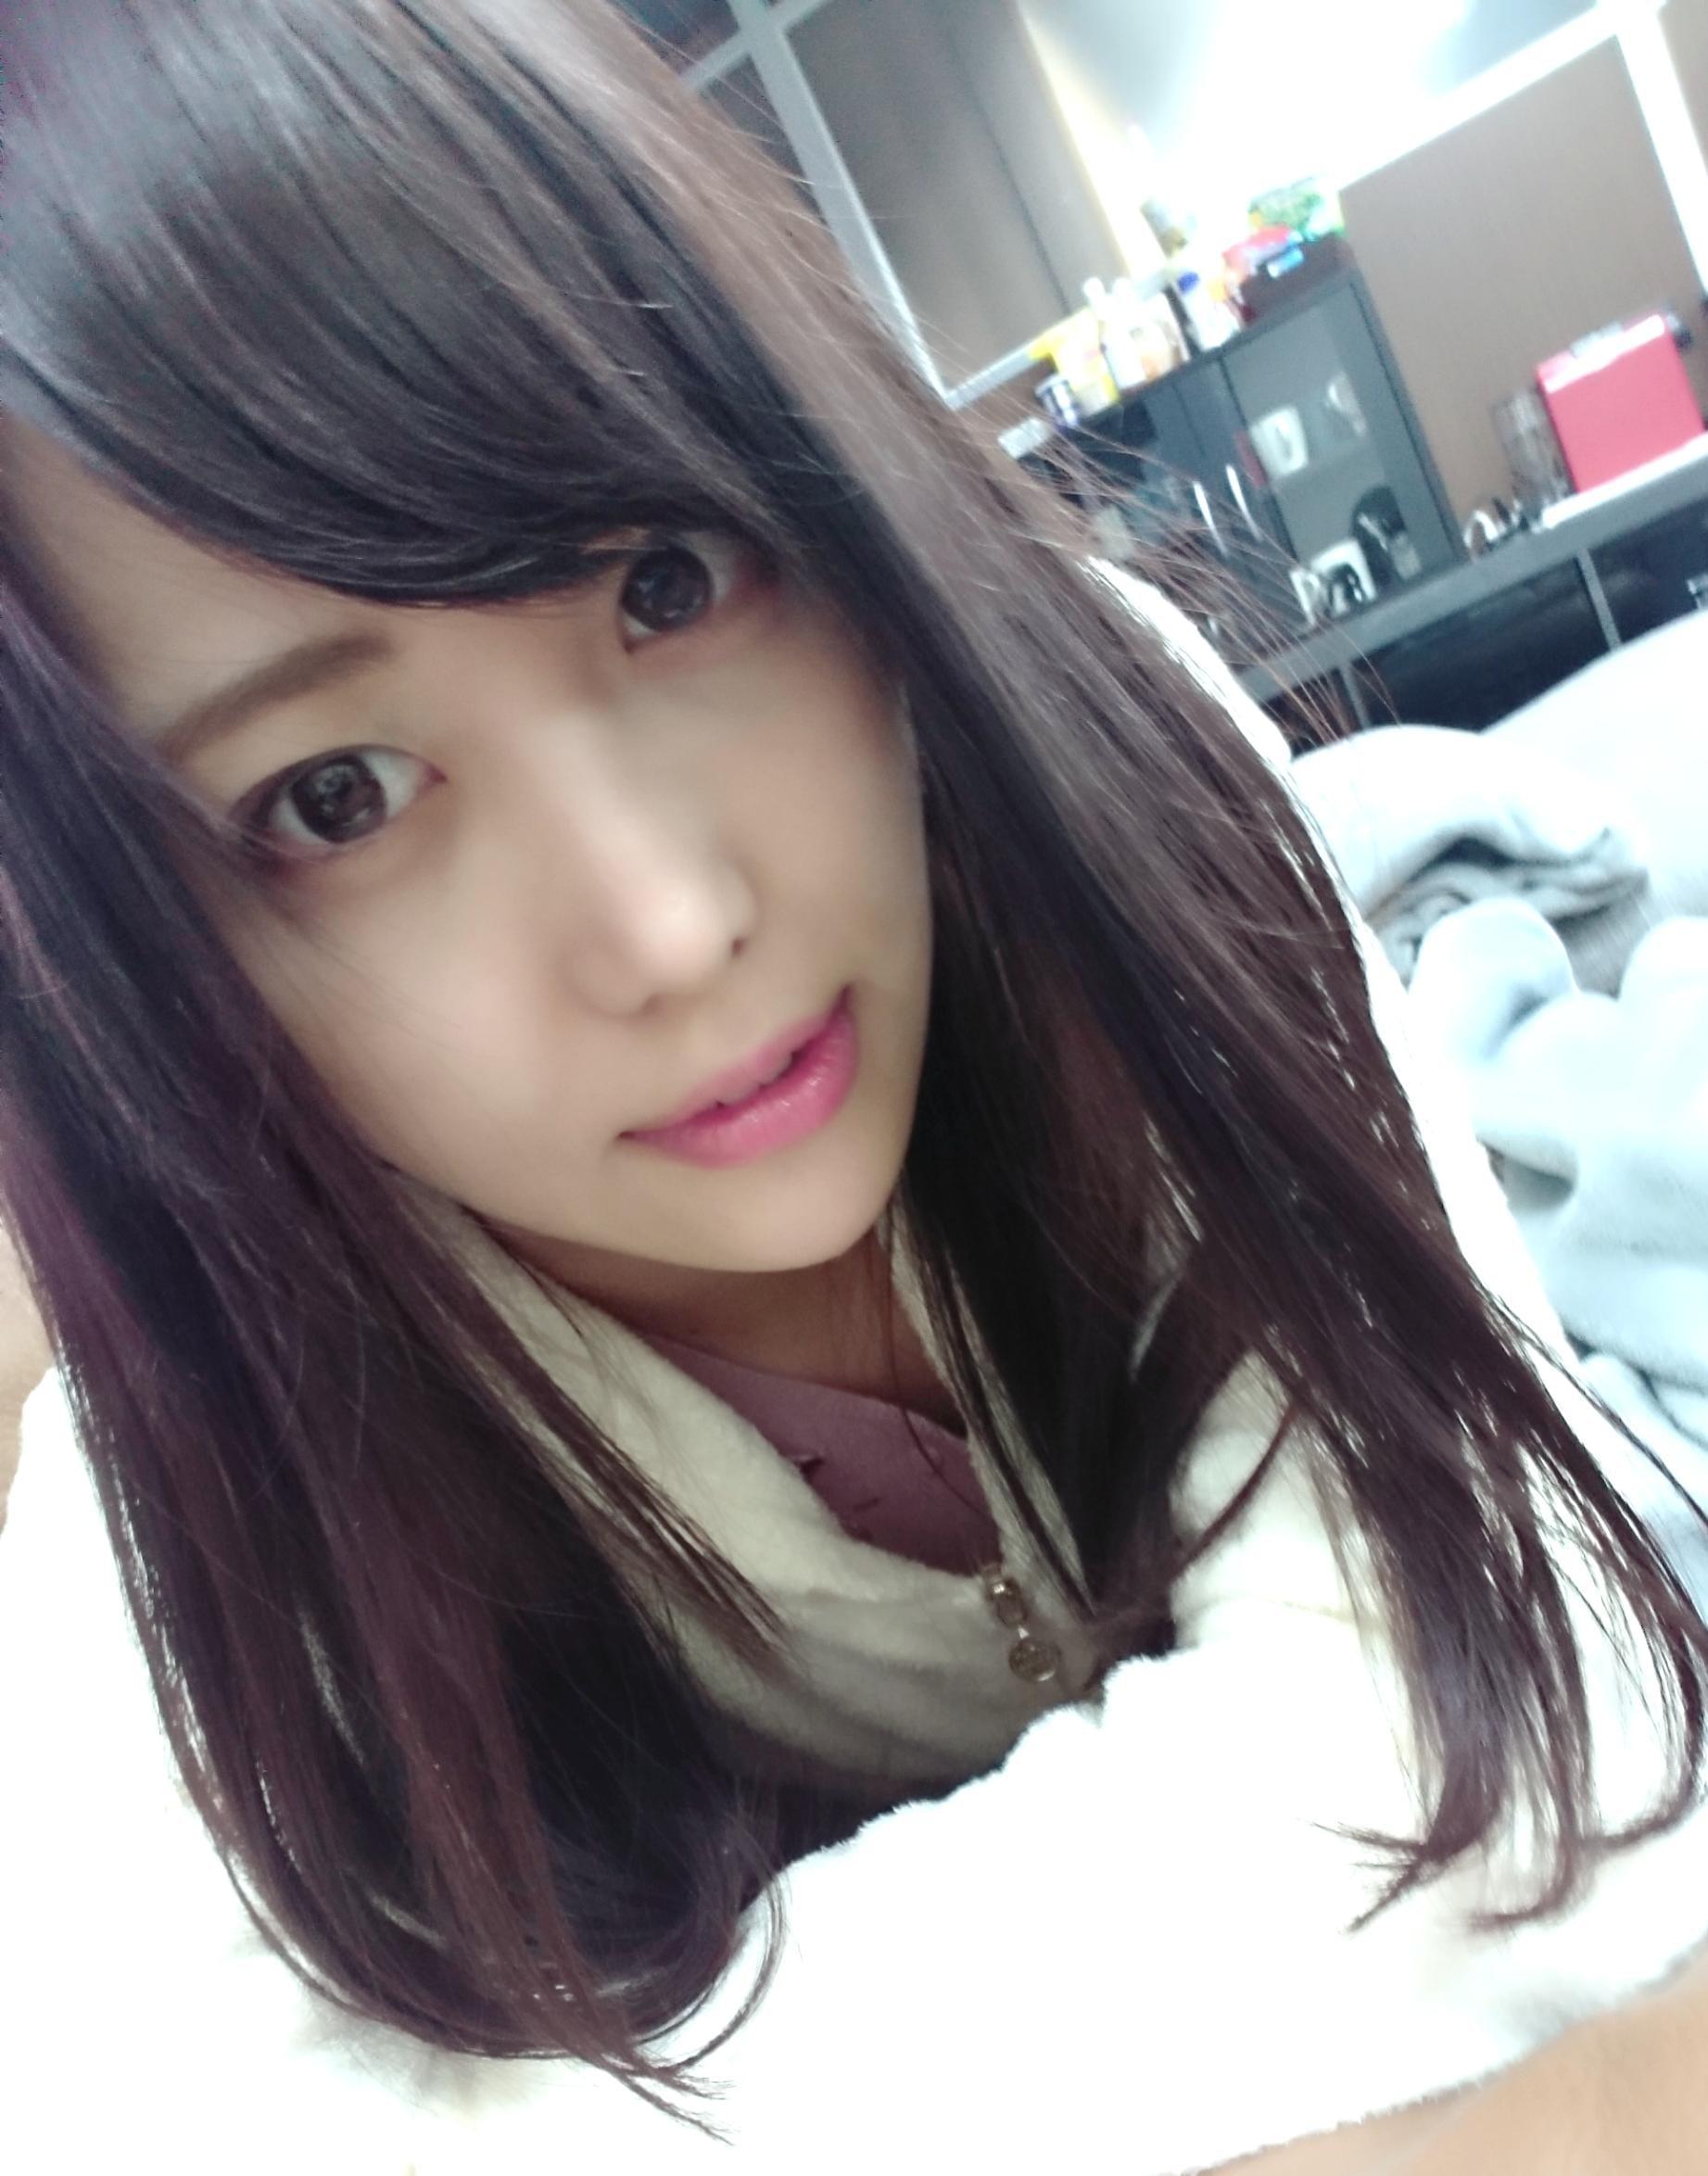 「ディナー?」01/19(土) 18:11 | 梨里花(リリカ)の写メ・風俗動画